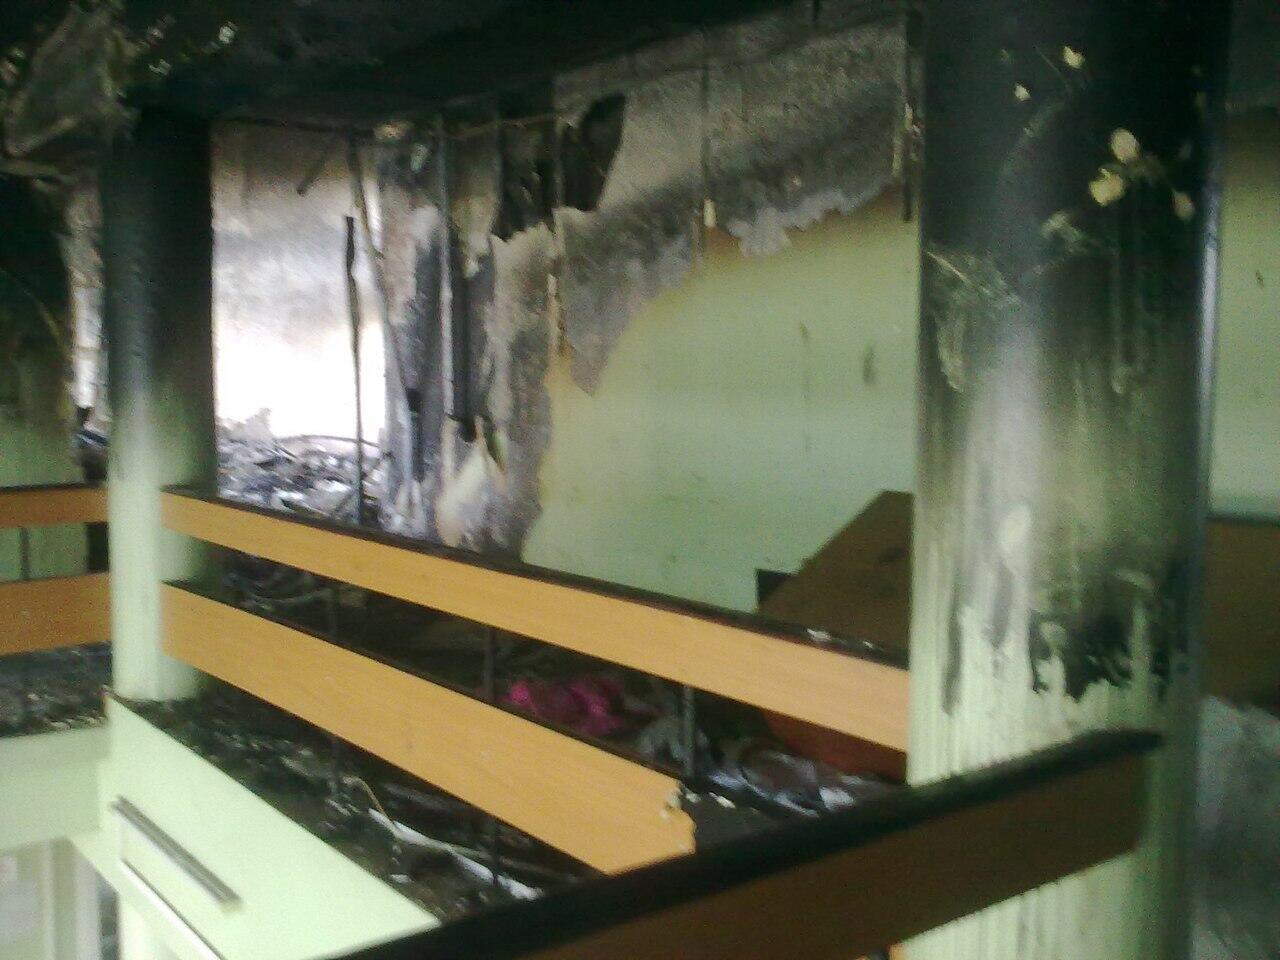 Террористы угрожают сжечь избирательный участок в Донецке, - СМИ - Цензор.НЕТ 8577